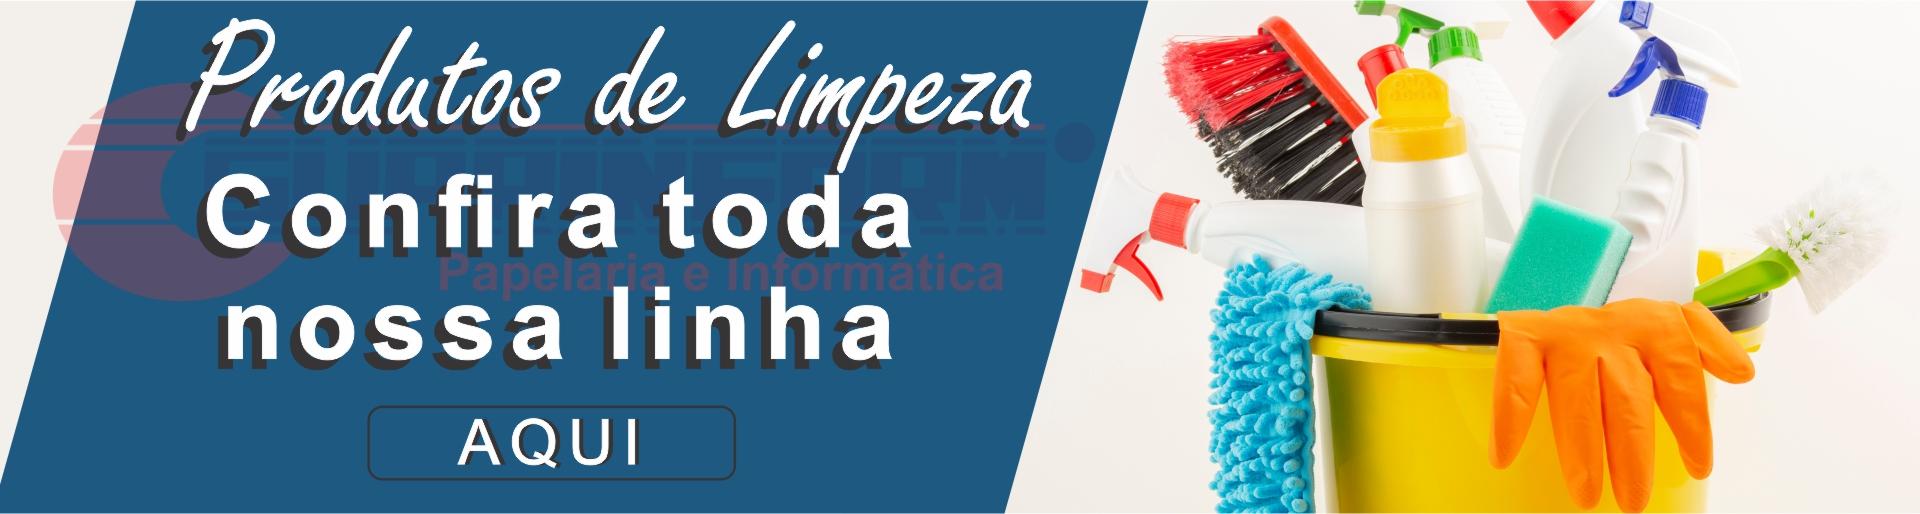 Banner Limpeza